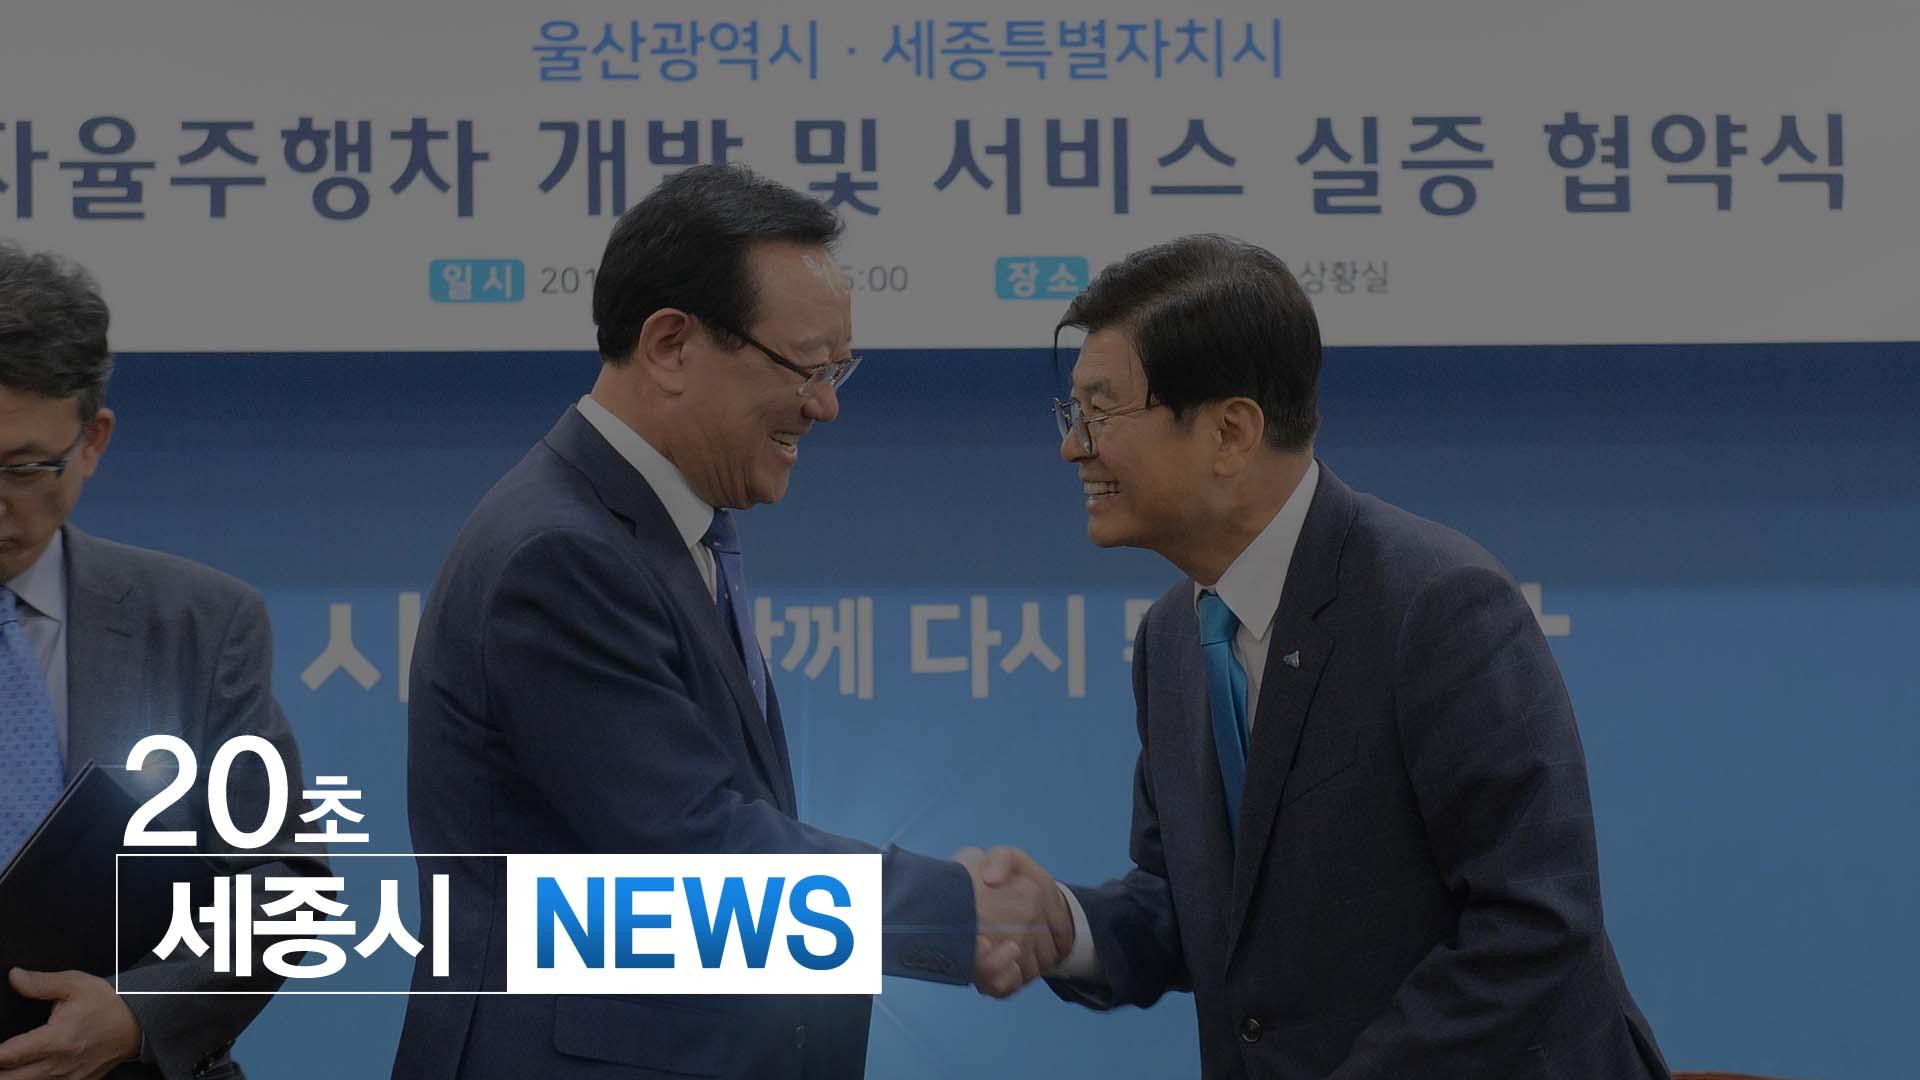 <20초뉴스> 세종시-울산시 자율주행차 산업 선도 육성 손 잡아